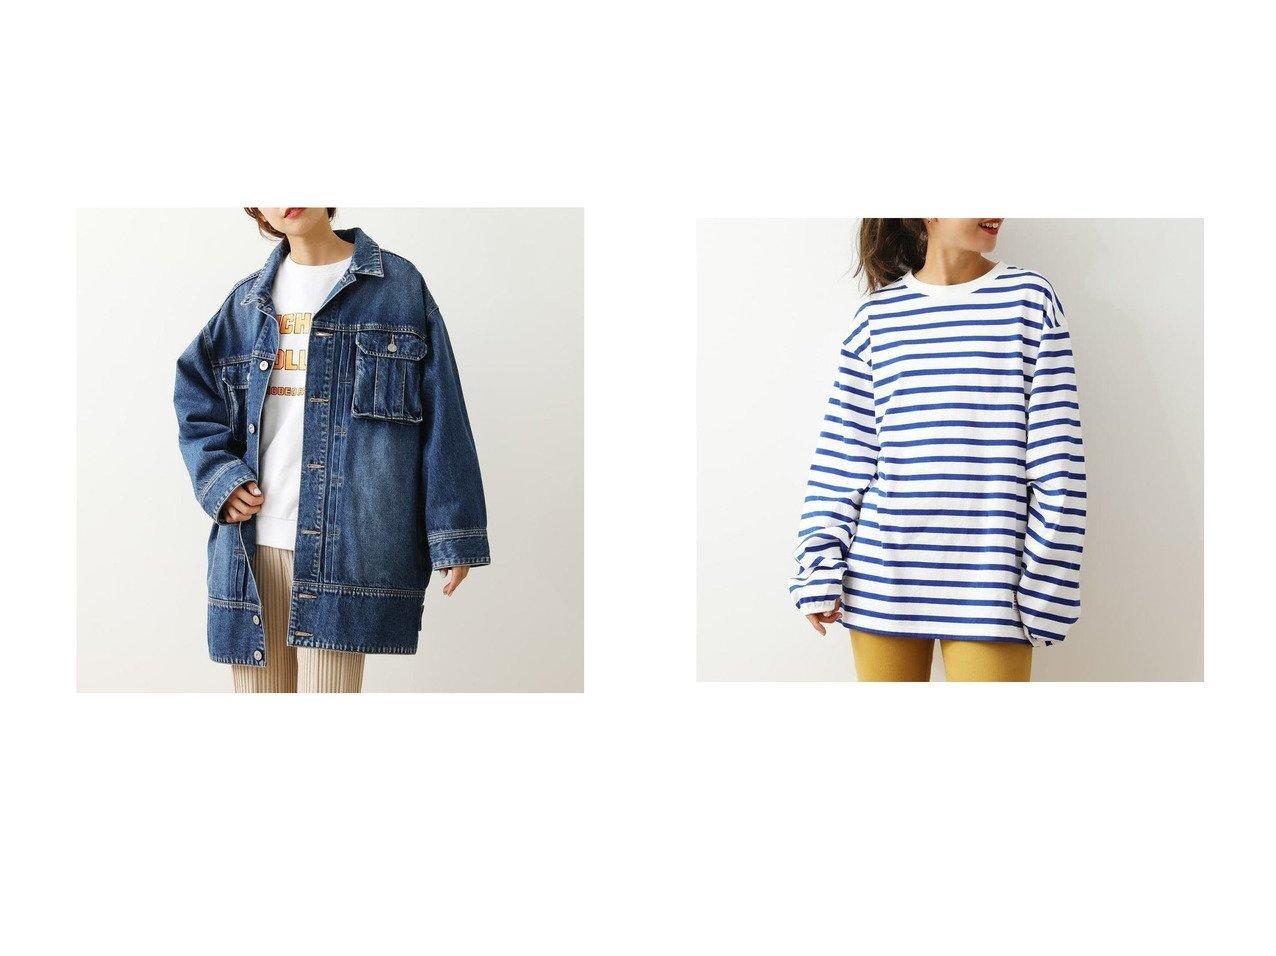 【RODEO CROWNS WIDE BOWL/ロデオクラウンズワイドボウル】のビッグデニムジャケット&SHARE LOOSE BORDER Tシャツ 柄BLU5 RODEO CROWNS WIDE BOWLのおすすめ!人気、トレンド・レディースファッションの通販  おすすめで人気の流行・トレンド、ファッションの通販商品 メンズファッション・キッズファッション・インテリア・家具・レディースファッション・服の通販 founy(ファニー) https://founy.com/ ファッション Fashion レディースファッション WOMEN アウター Coat Outerwear ジャケット Jackets デニムジャケット Denim Jackets トップス Tops Tshirt シャツ/ブラウス Shirts Blouses ロング / Tシャツ T-Shirts 2021年 2021 2021 春夏 S/S SS Spring/Summer 2021 S/S 春夏 SS Spring/Summer ジャケット デニム トレンド フロント ポケット ミドル 春 Spring  ID:crp329100000019309